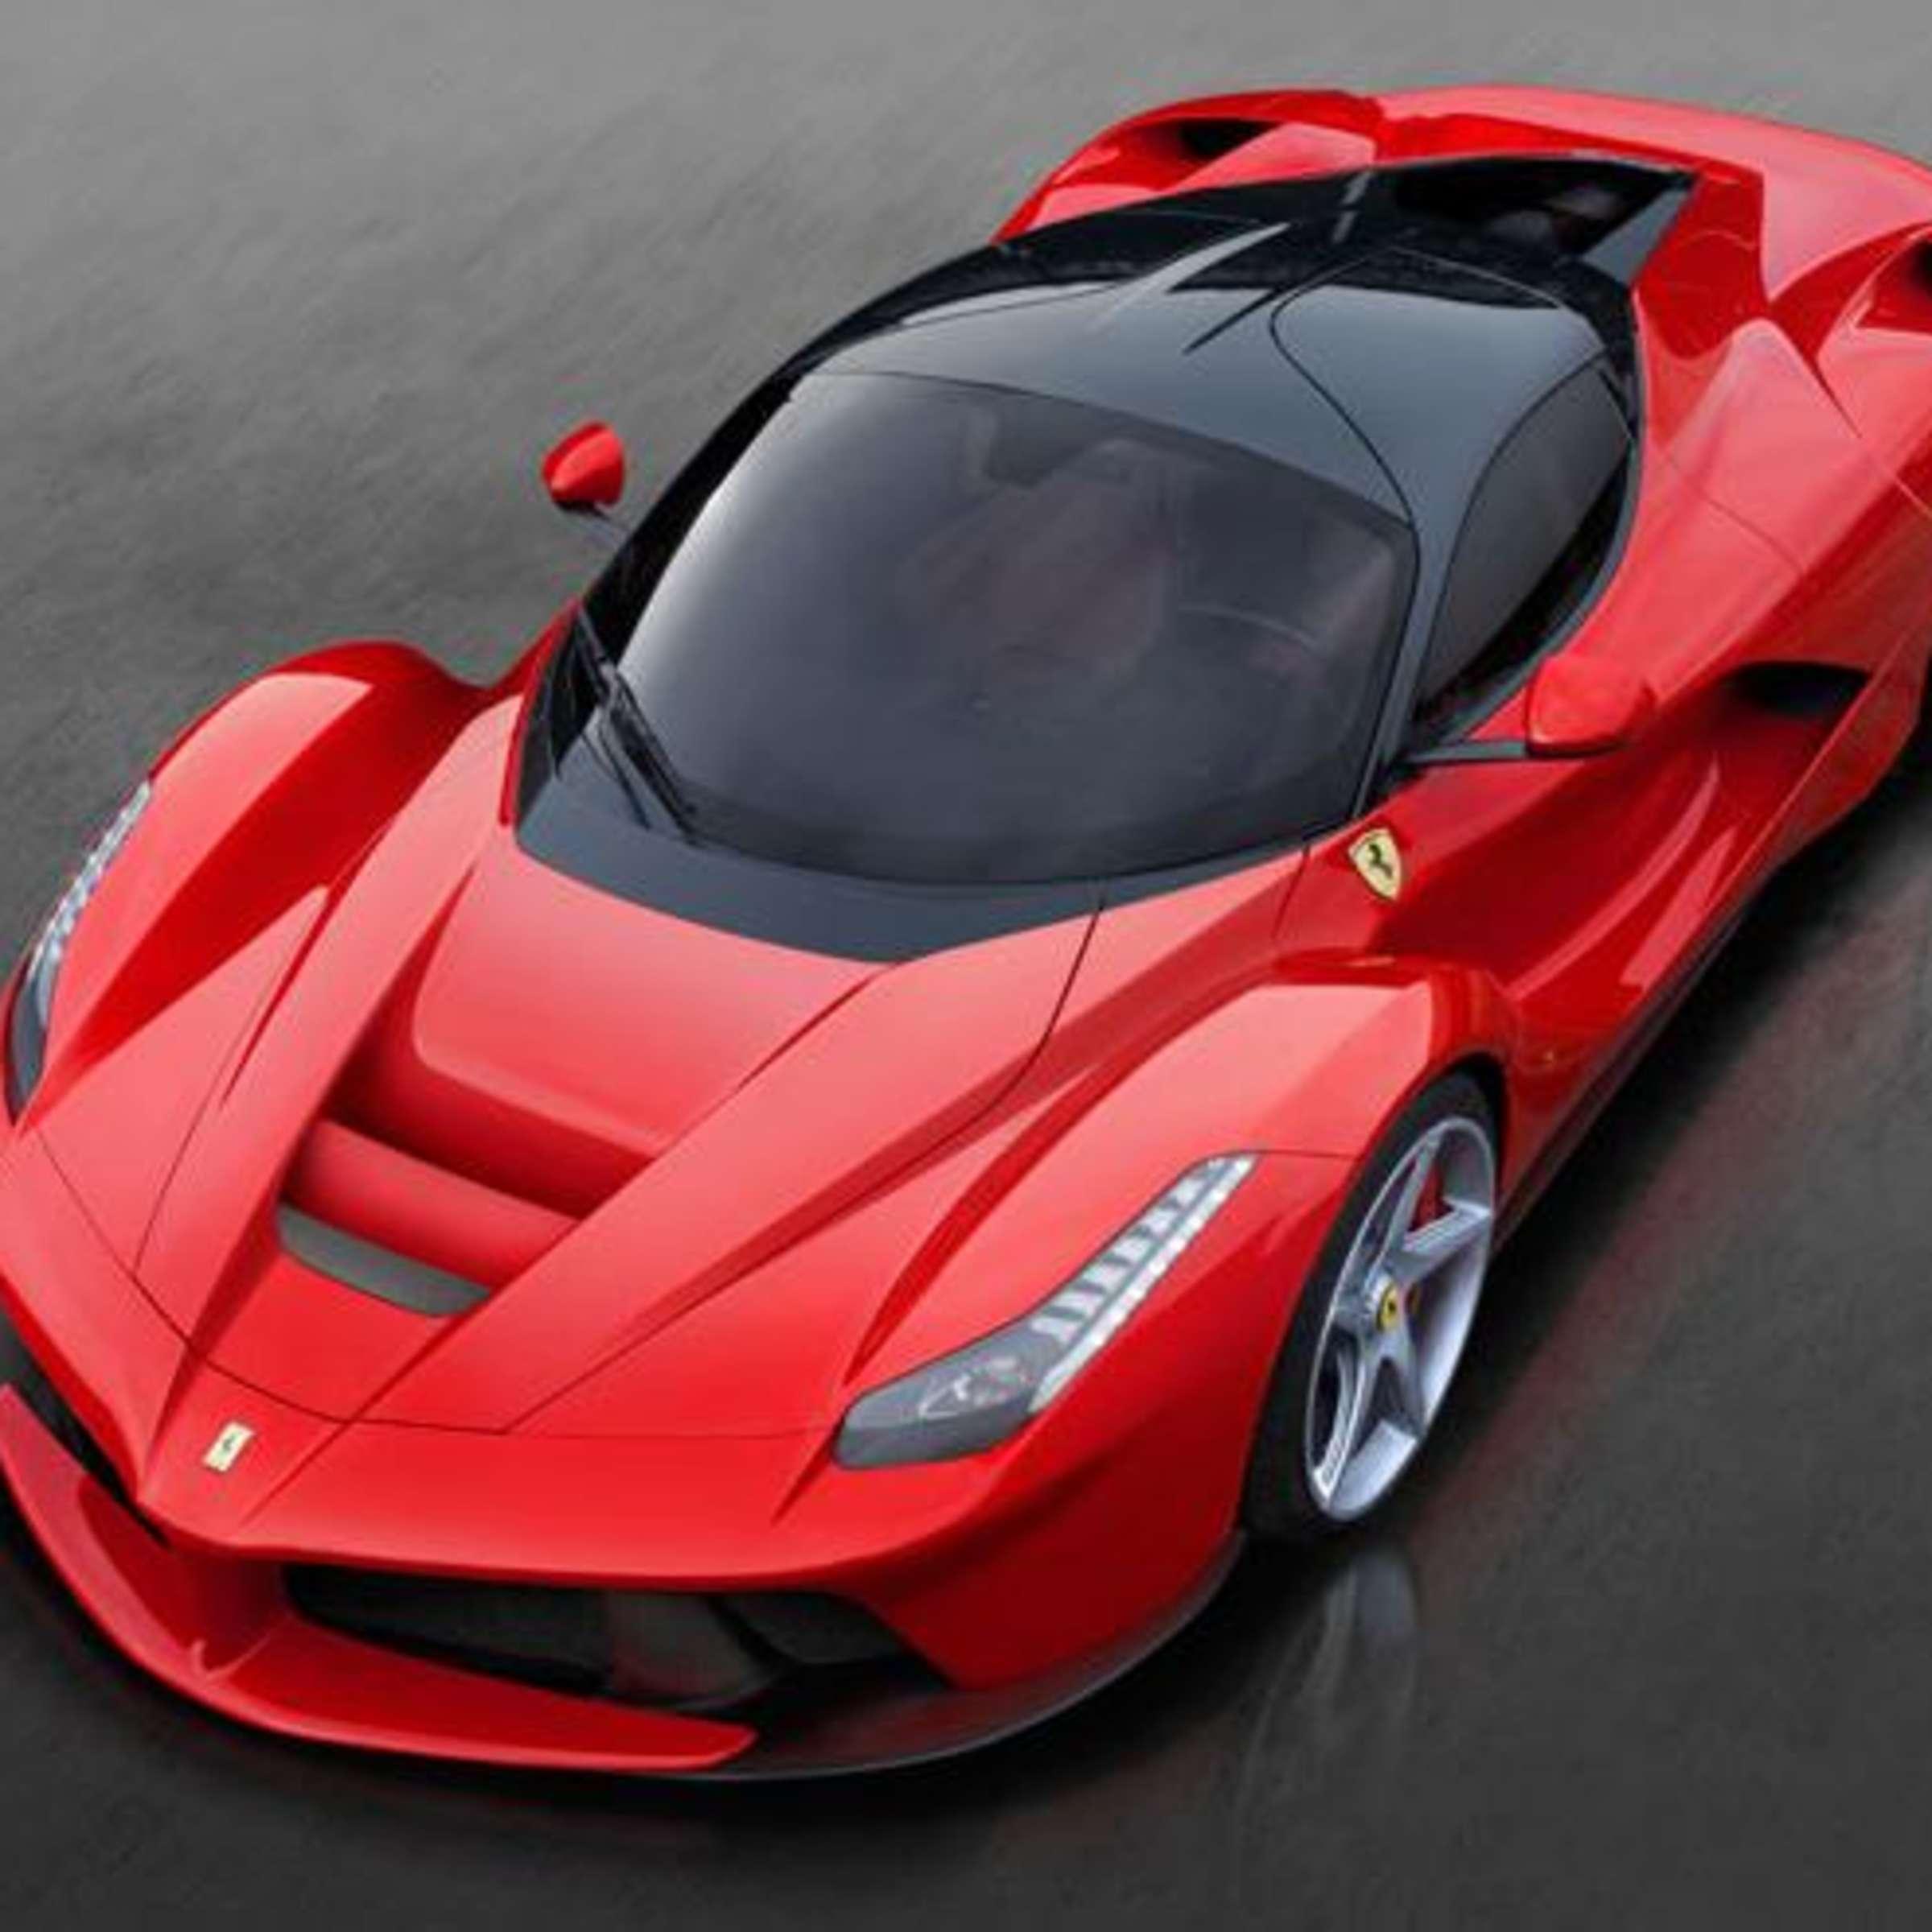 Von Koenigsegg Bis Ferrari Die Seltensten Und Teuersten Autos Der Welt Auto